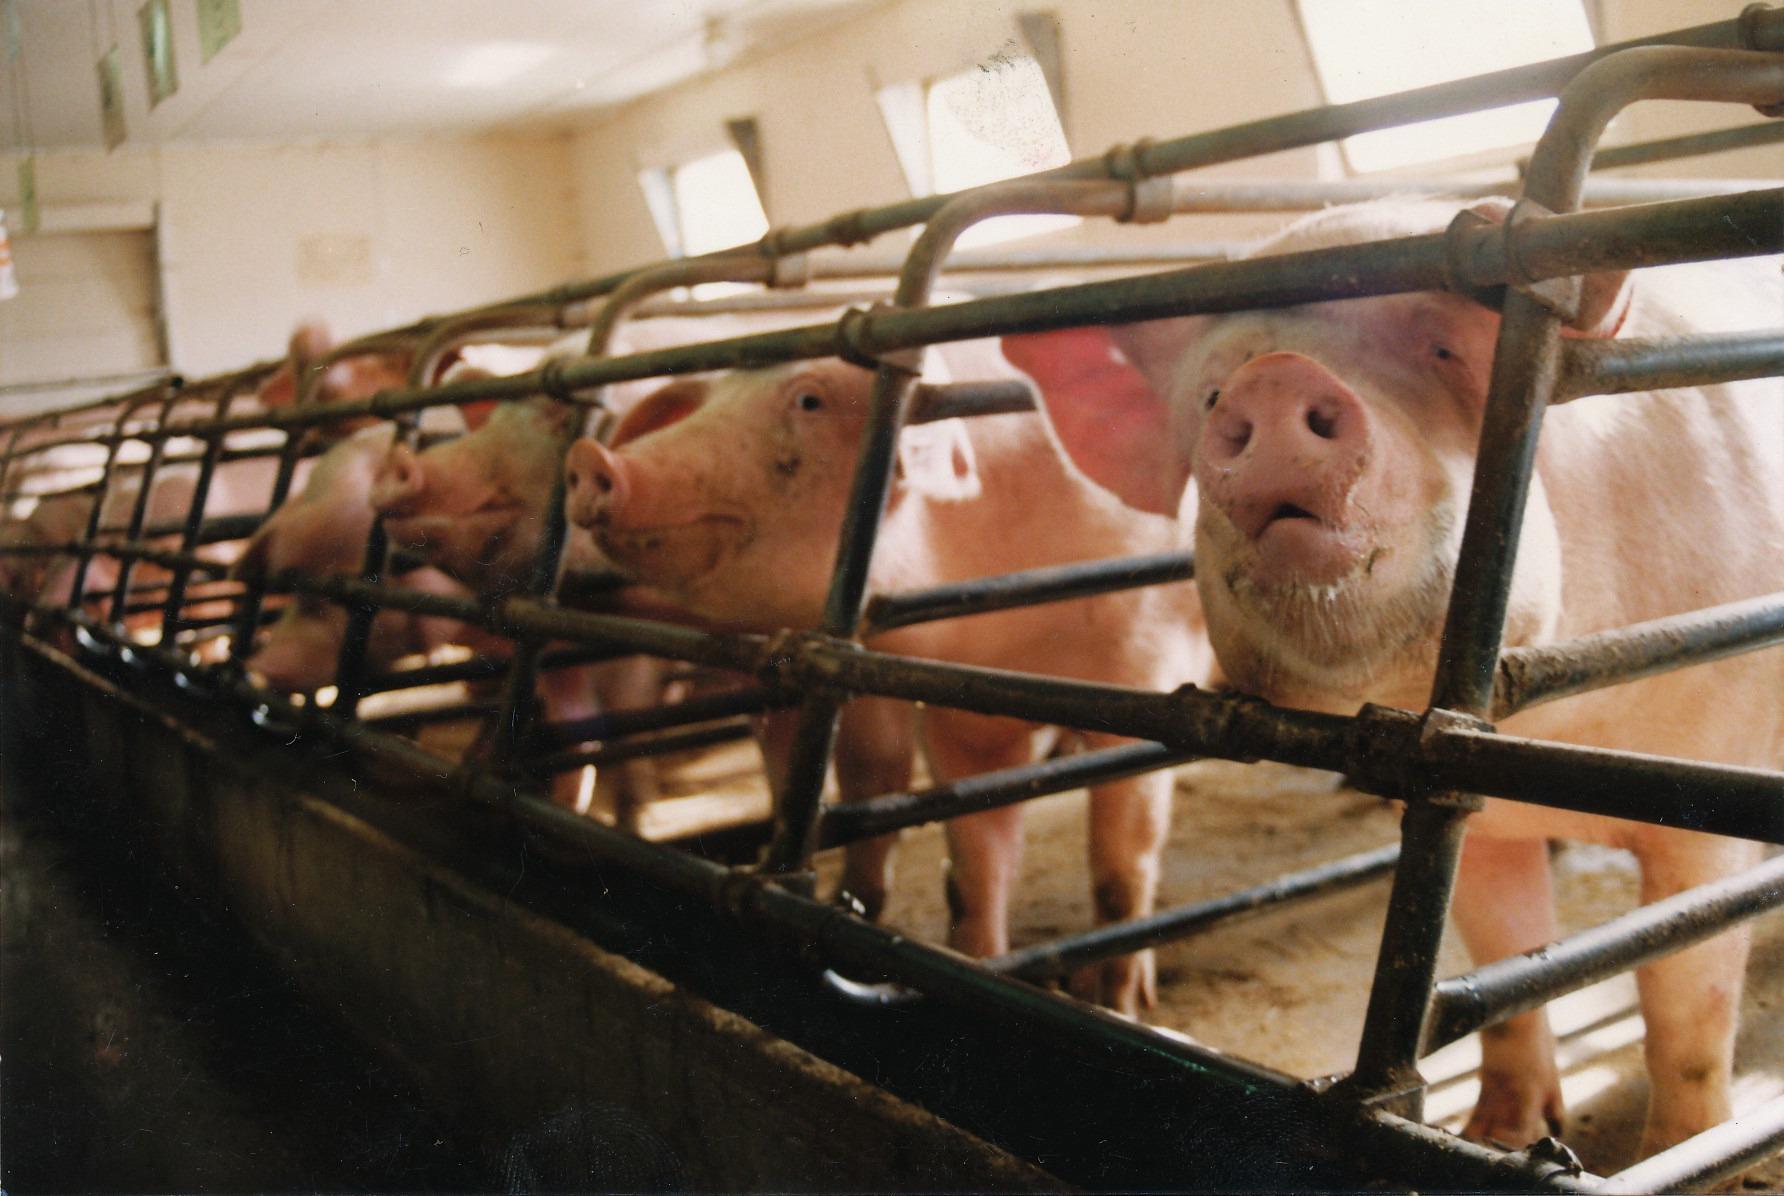 Mange griser i bås ser gjennom gitteret. Foto: NOAH